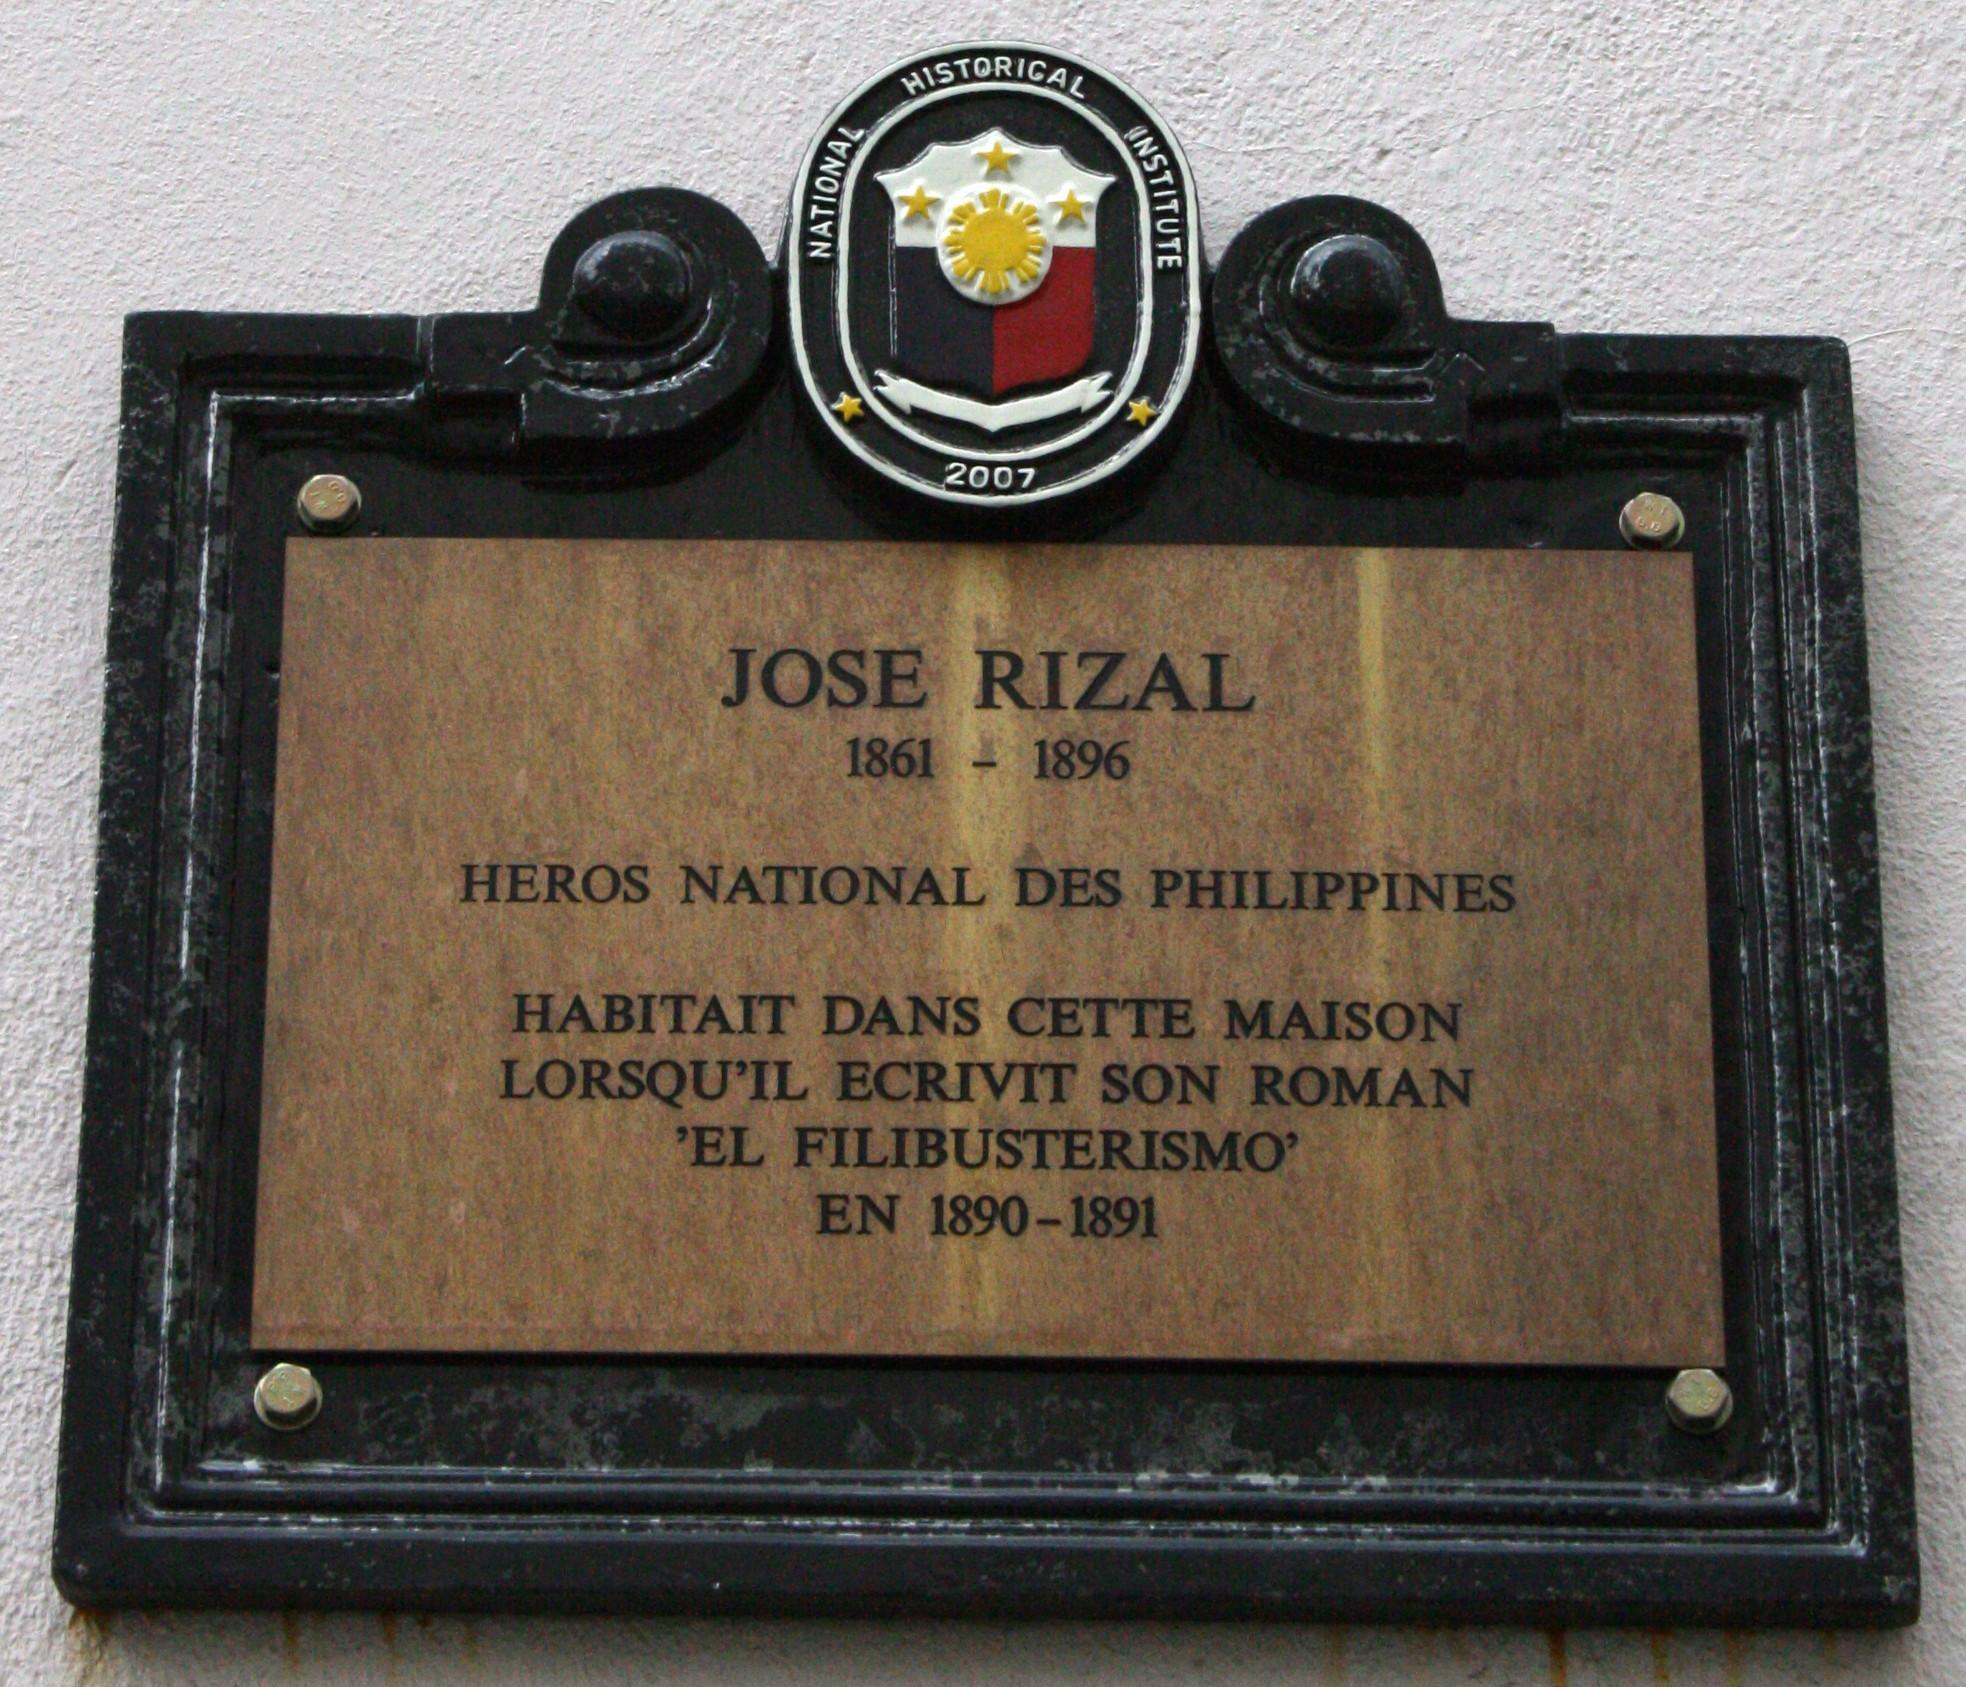 jose rizal from wikipedia Todas las obras originales de josé rizal se encuentran en dominio público esto es aplicable en todo el mundo debido a que falleció hace más de 100  wikipedia.